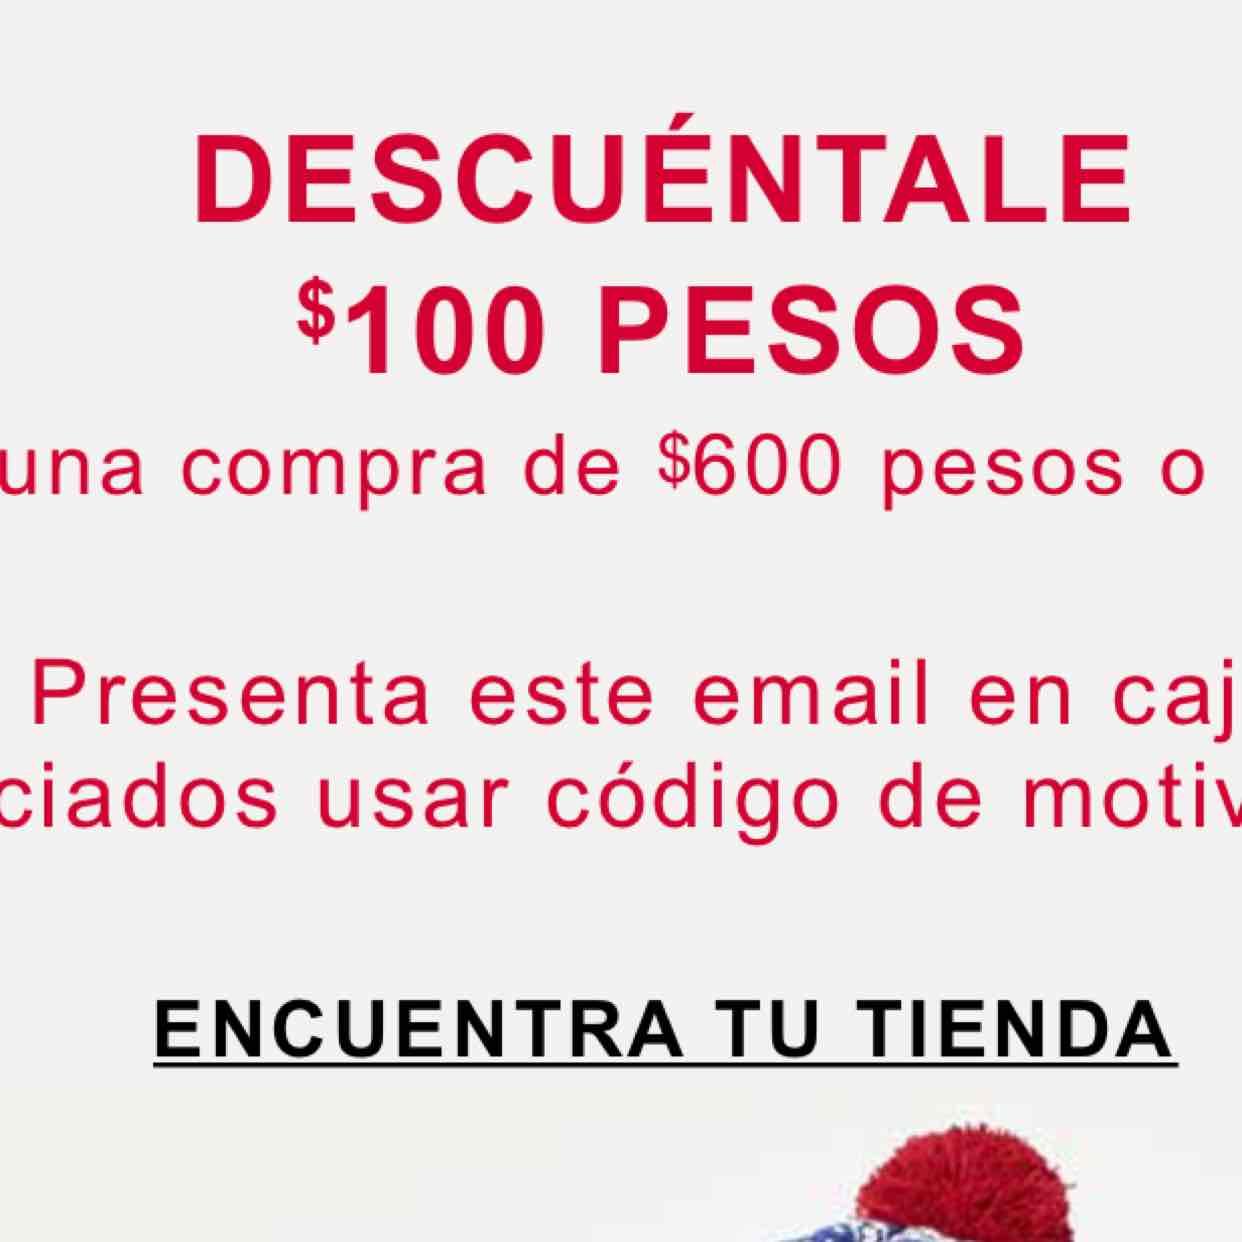 Old Navy: Ofertas del Fin De Semana y promocion  $100 menos